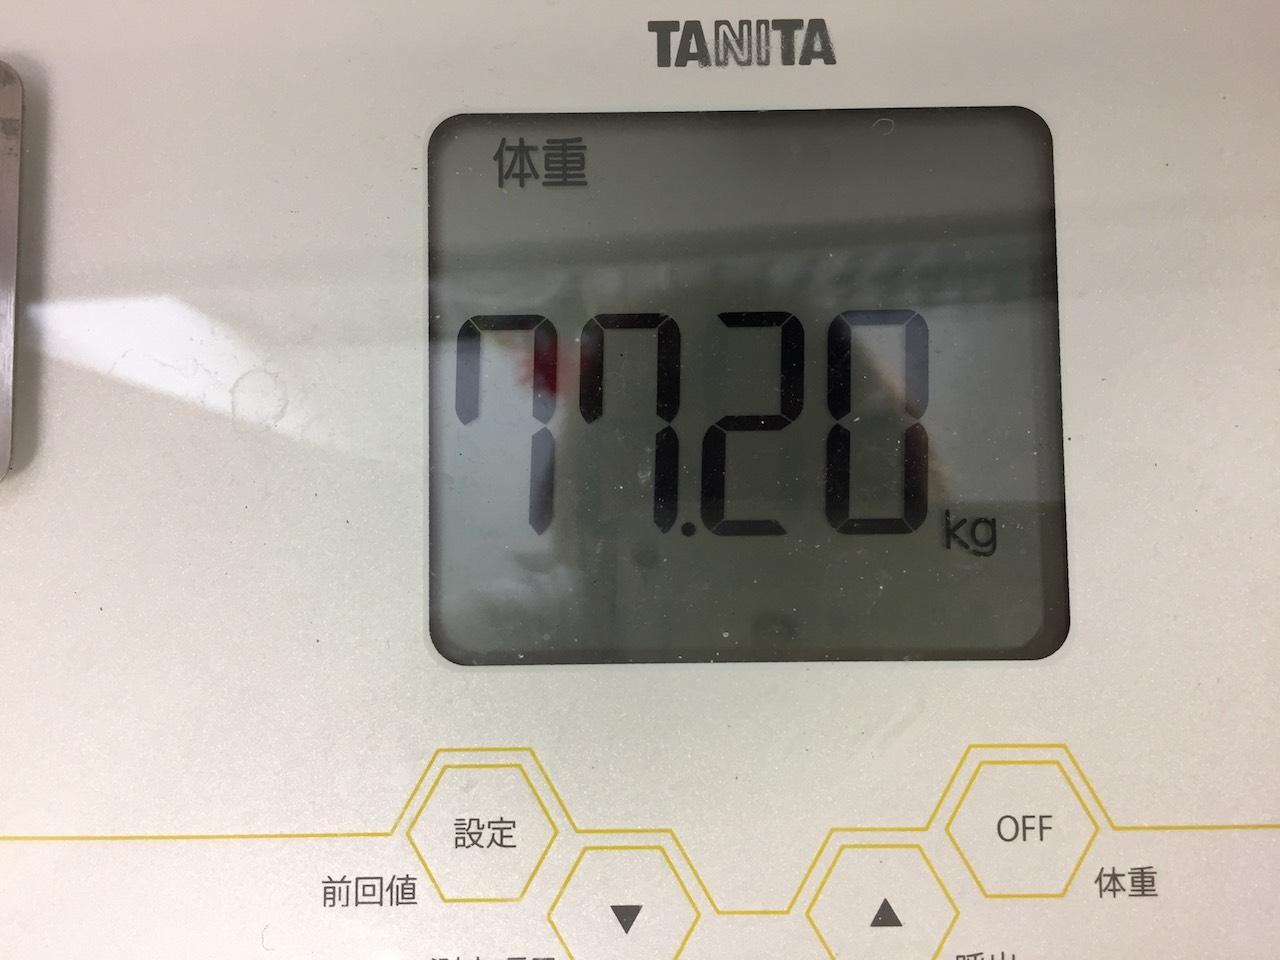 本日の体重(2018/6/6)